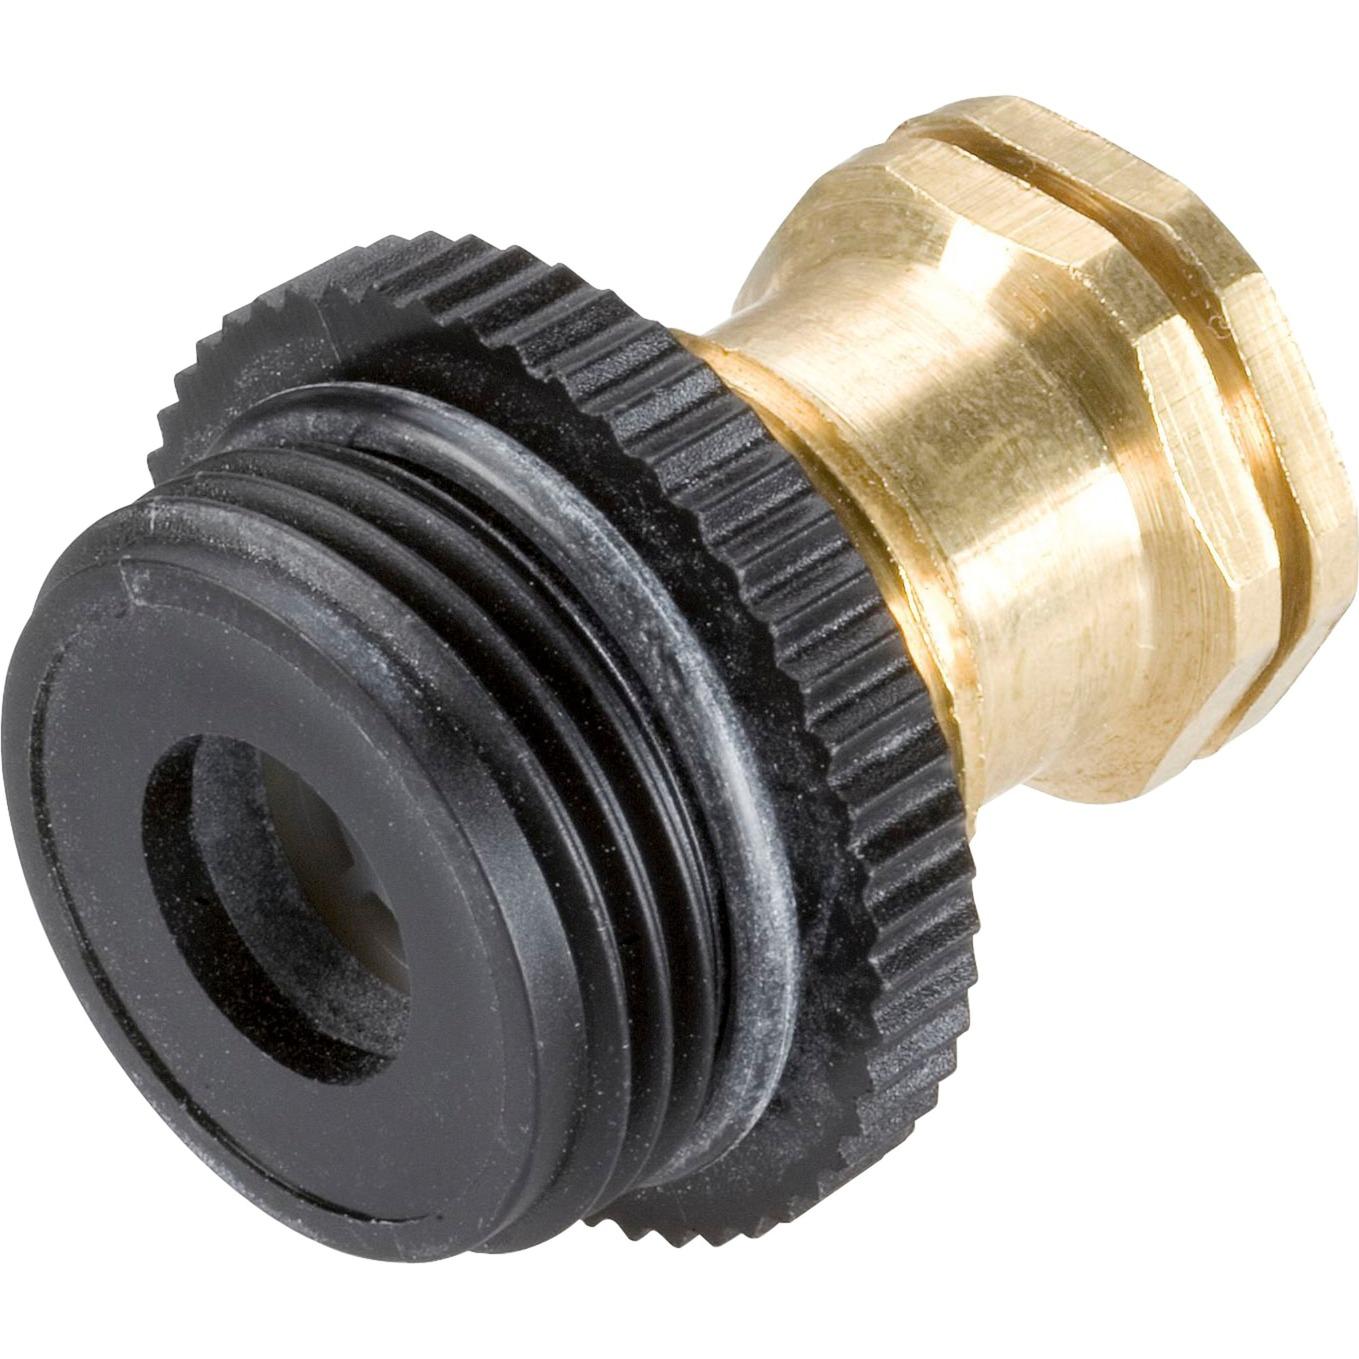 02760-20 Noir, Métallique raccord des tuyaux d'eau, Systèmes de gicleurs